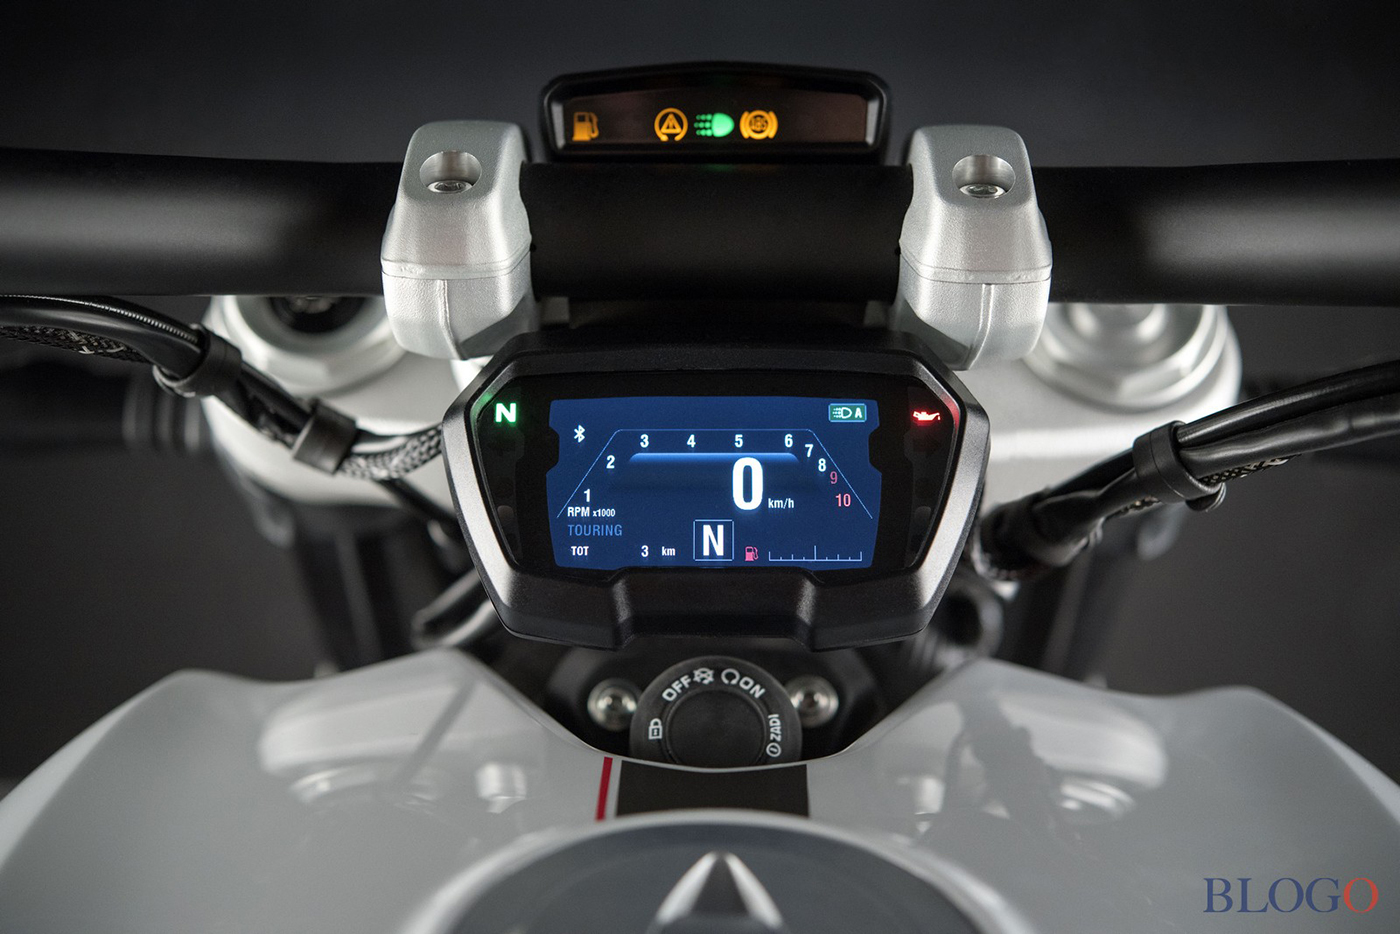 Ra mắt Ducati XDiavel S phiên bản Tảng băng trôi - ảnh 9